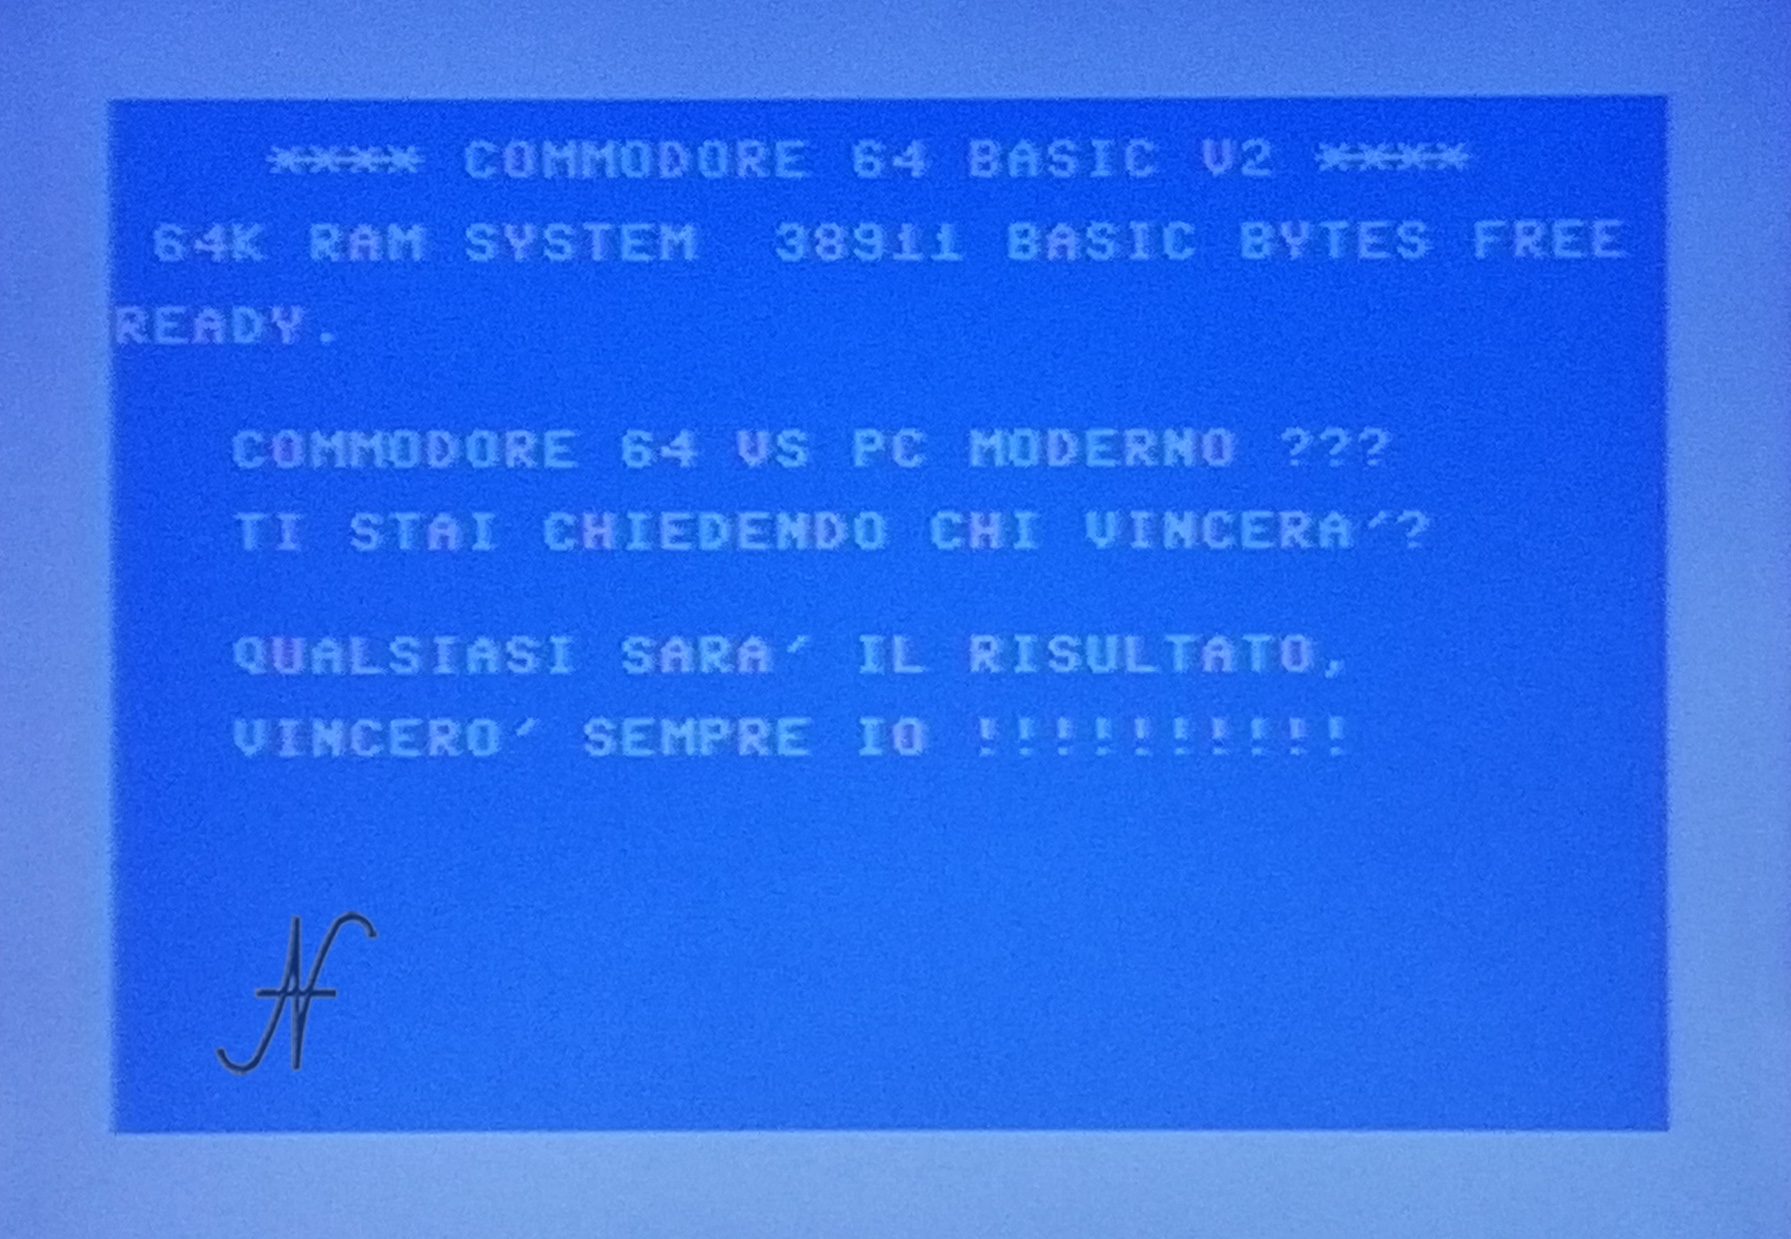 Confronto Commodore 64 con PC moderno, chi vince?